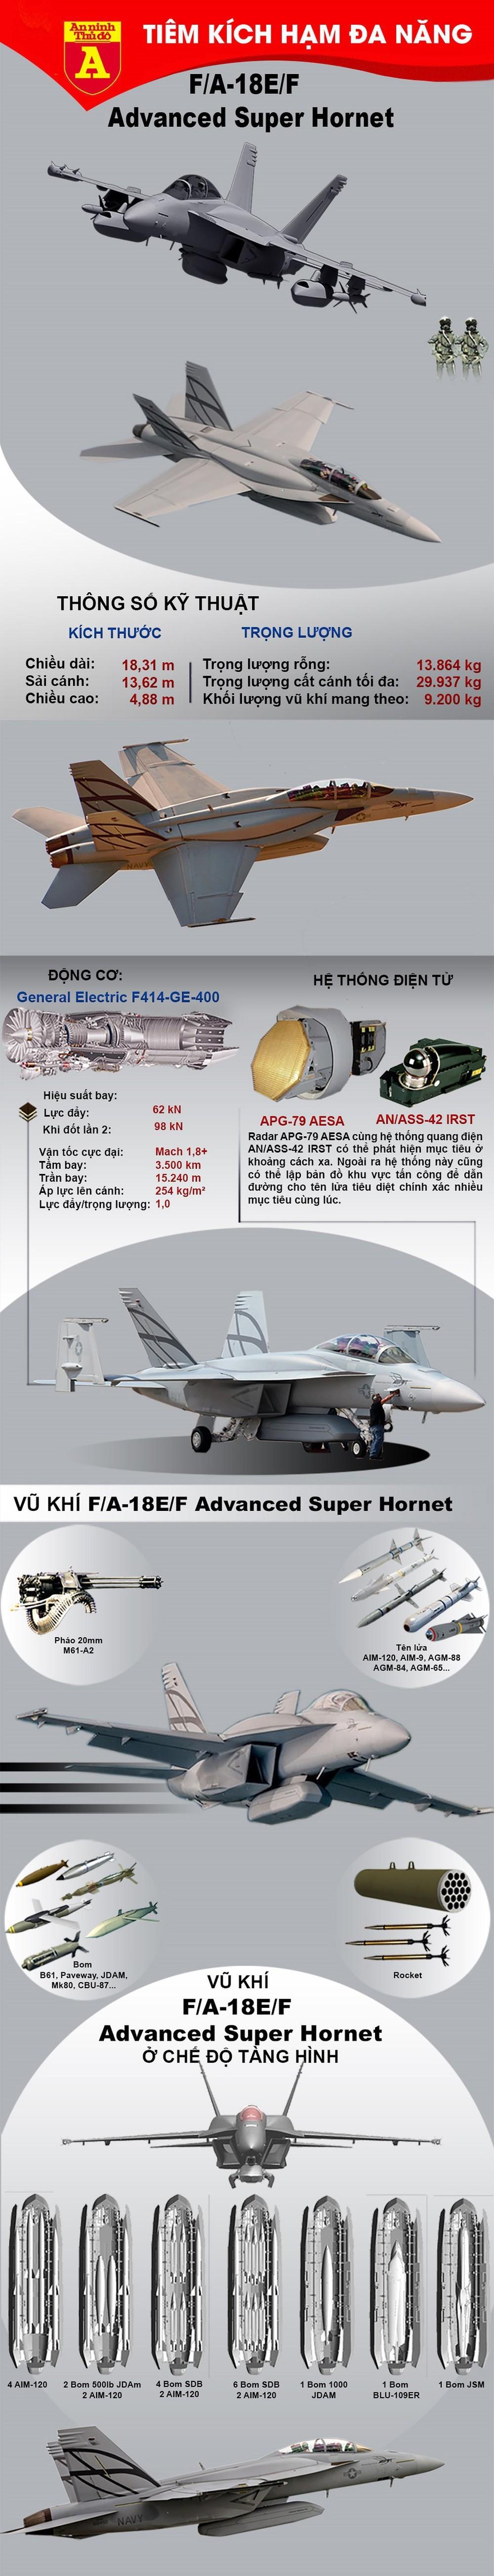 [Info] Indonesia sẽ mua siêu tiêm kích thế hệ 4++, đối thủ xứng tầm của J-20 và Su-57 ảnh 2